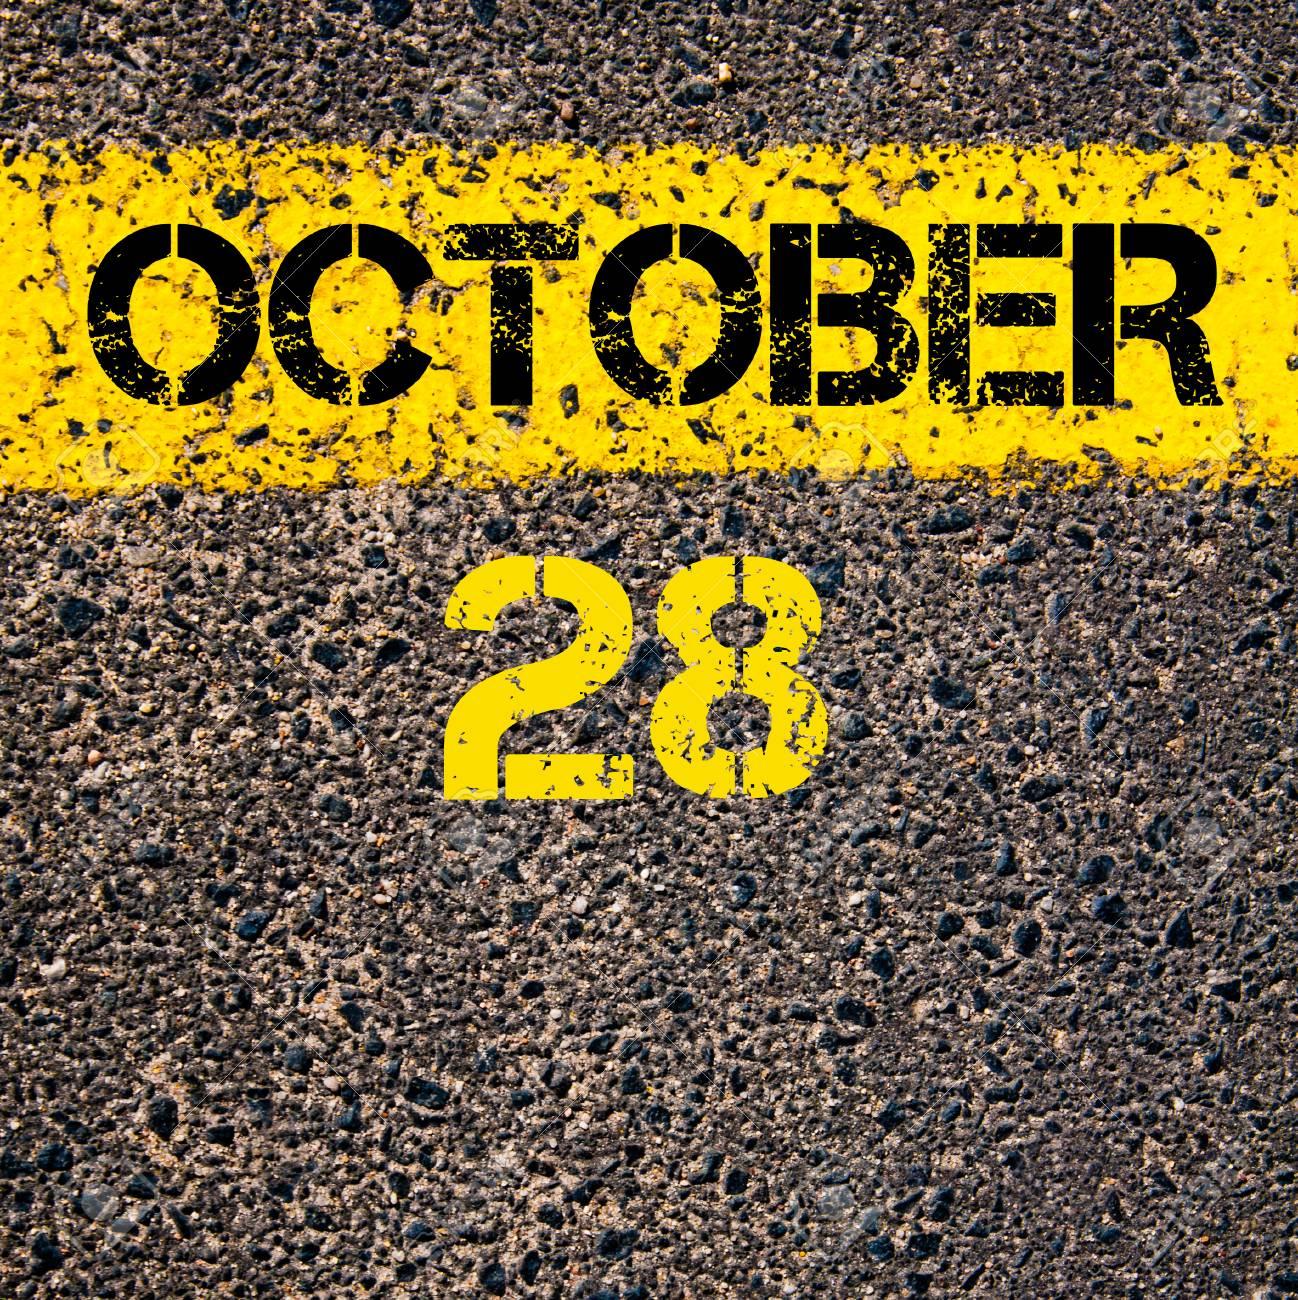 28 Octobre Jour Calendaire Ecrite Sur Le Marquage Ligne De Peinture